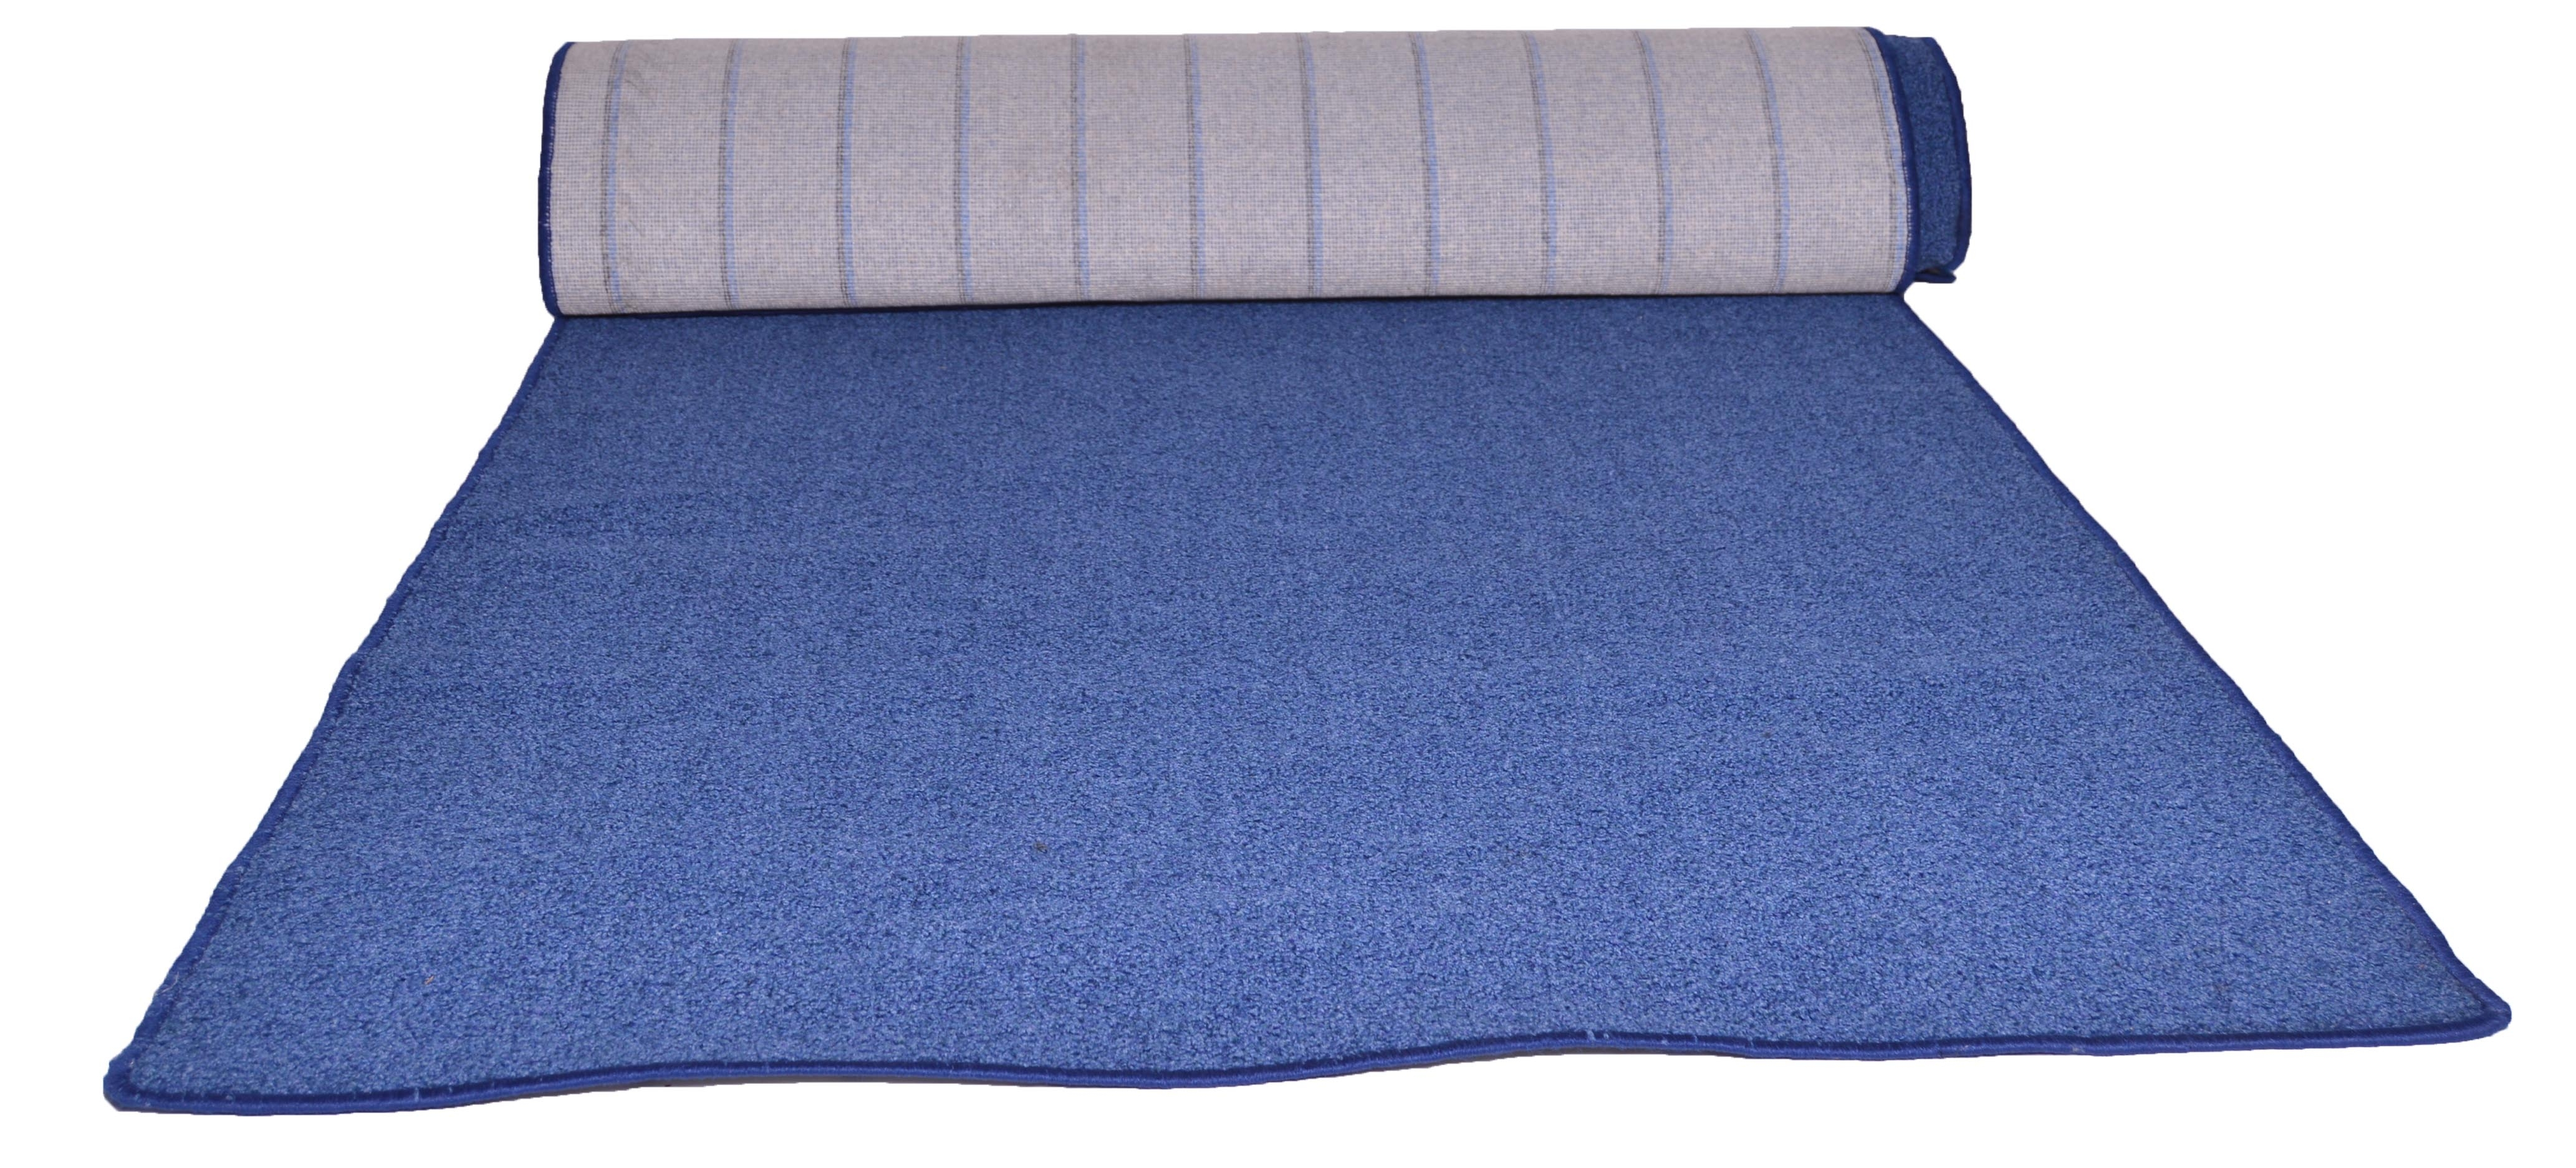 Blue Carpet Runner For Carpet Vidalondon In Blue Carpet Runners (View 8 of 15)